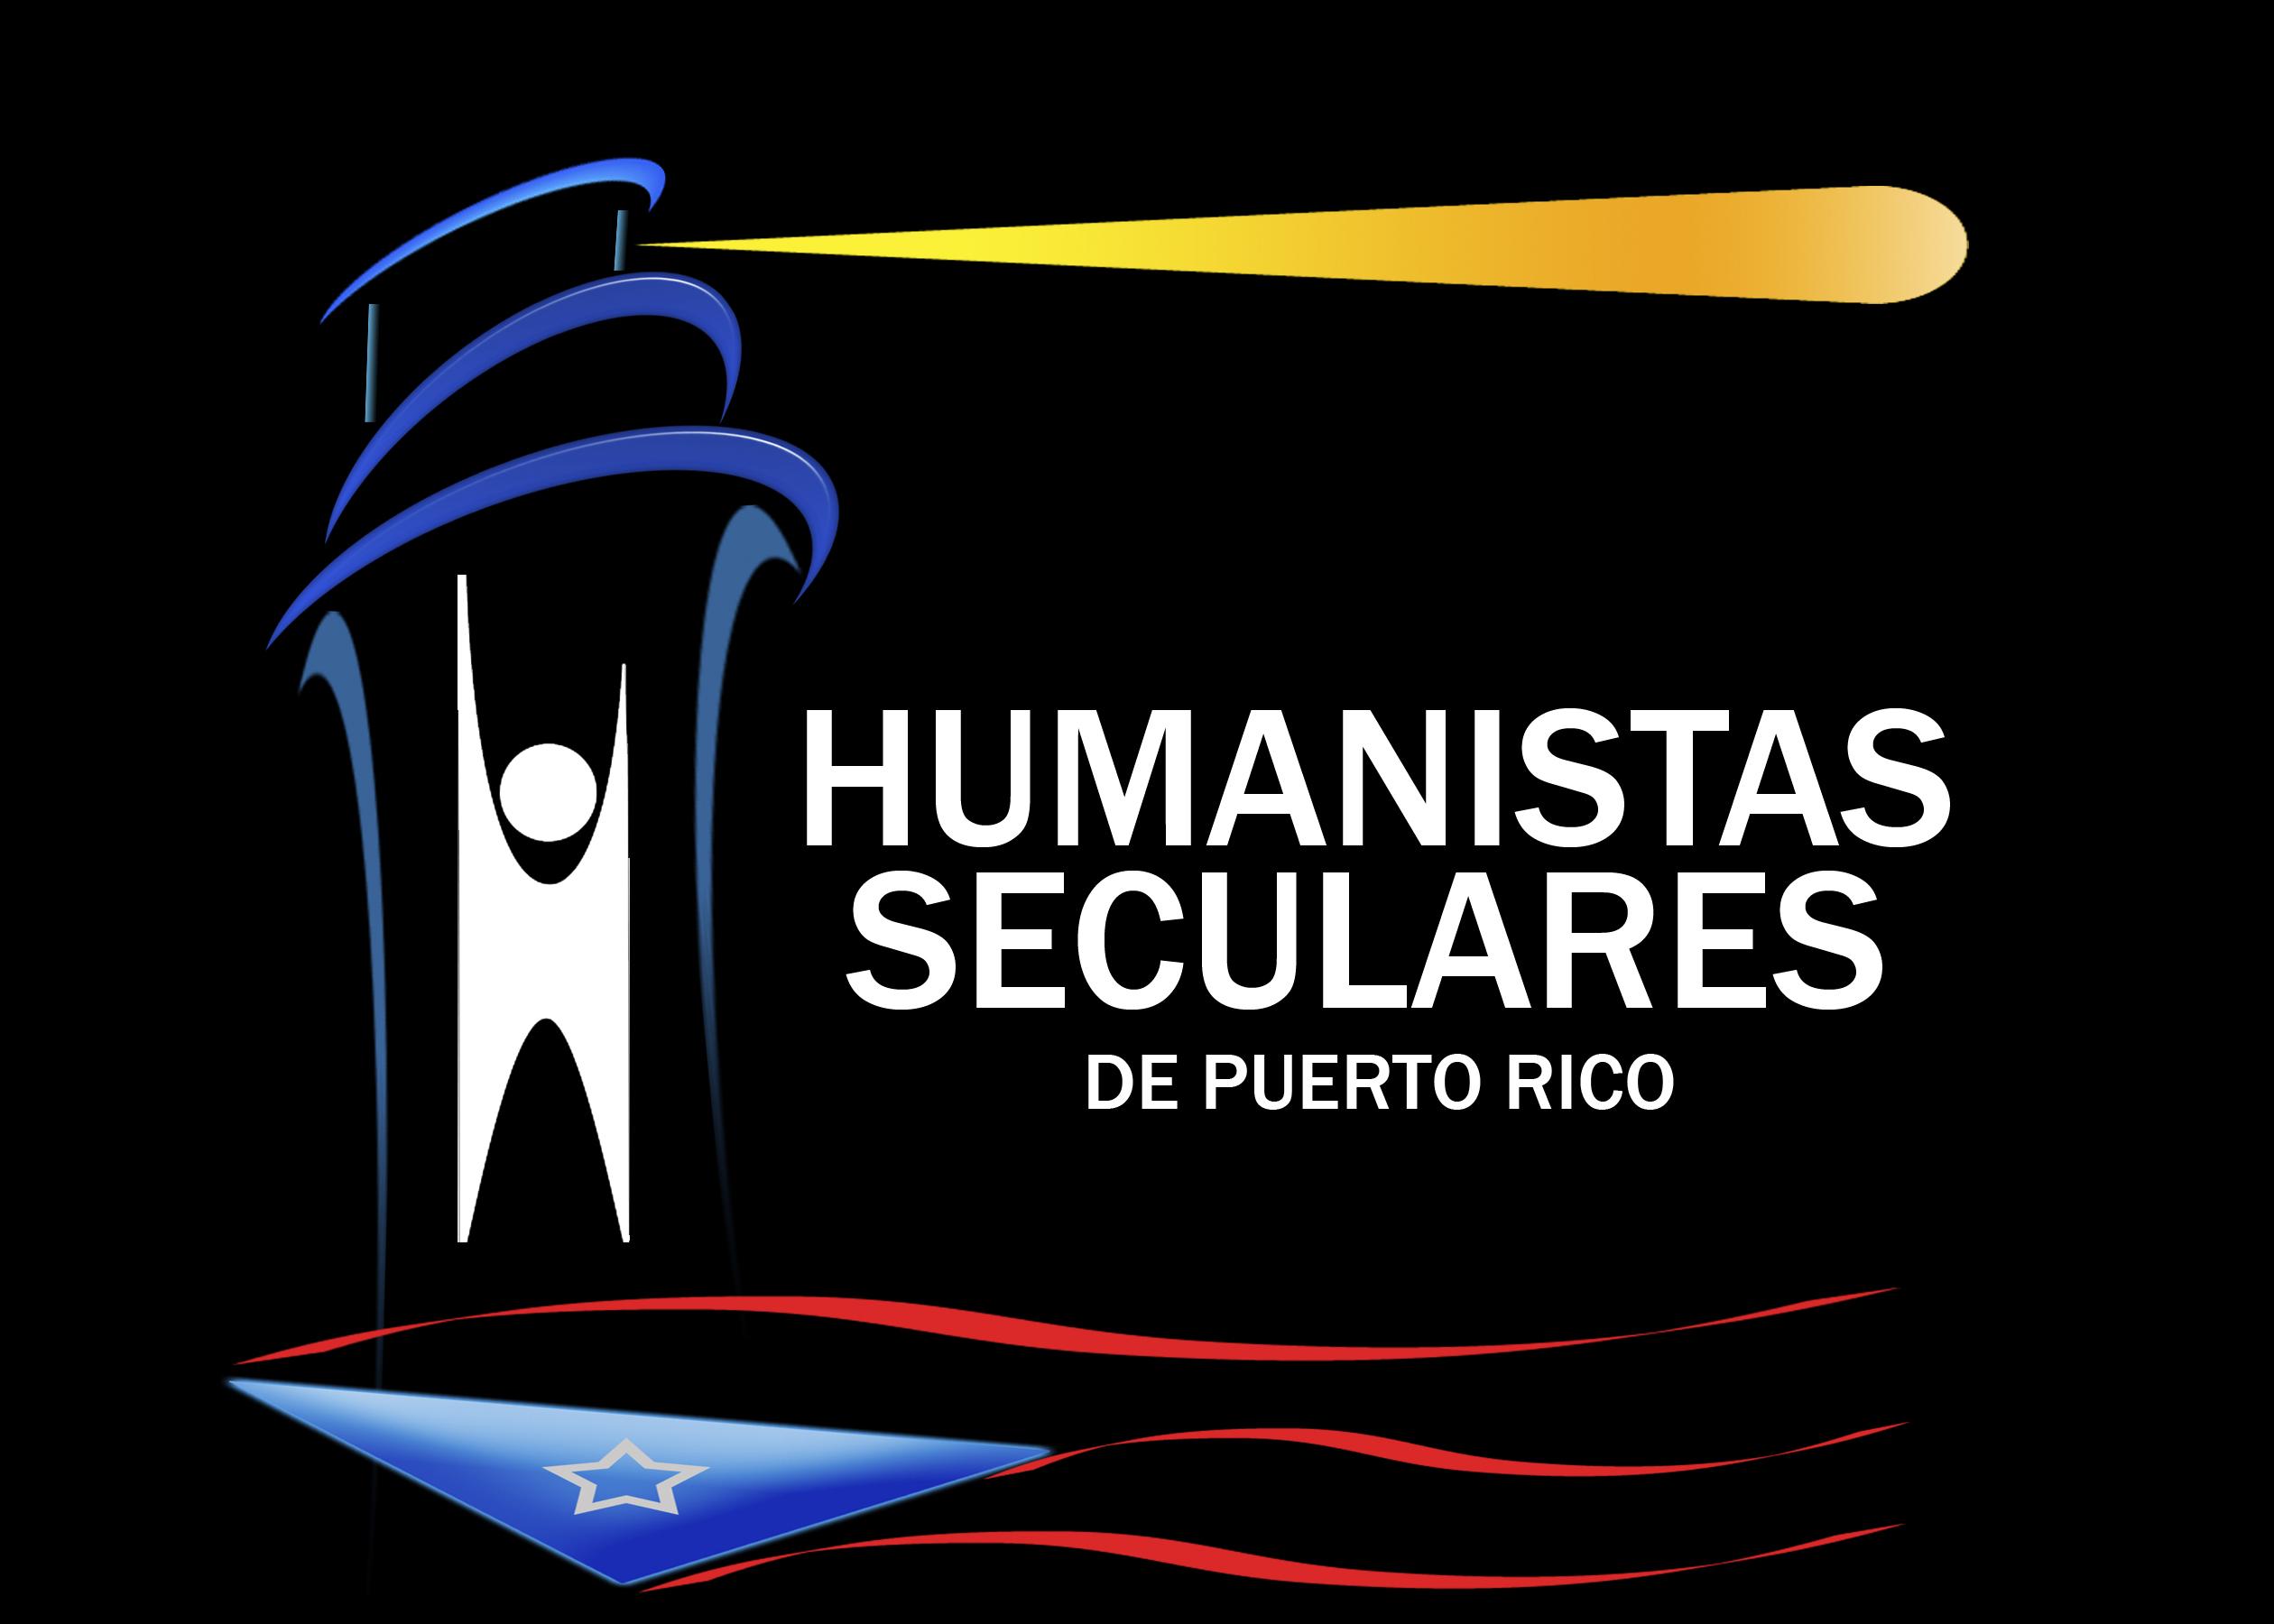 huse logo_LRRblk